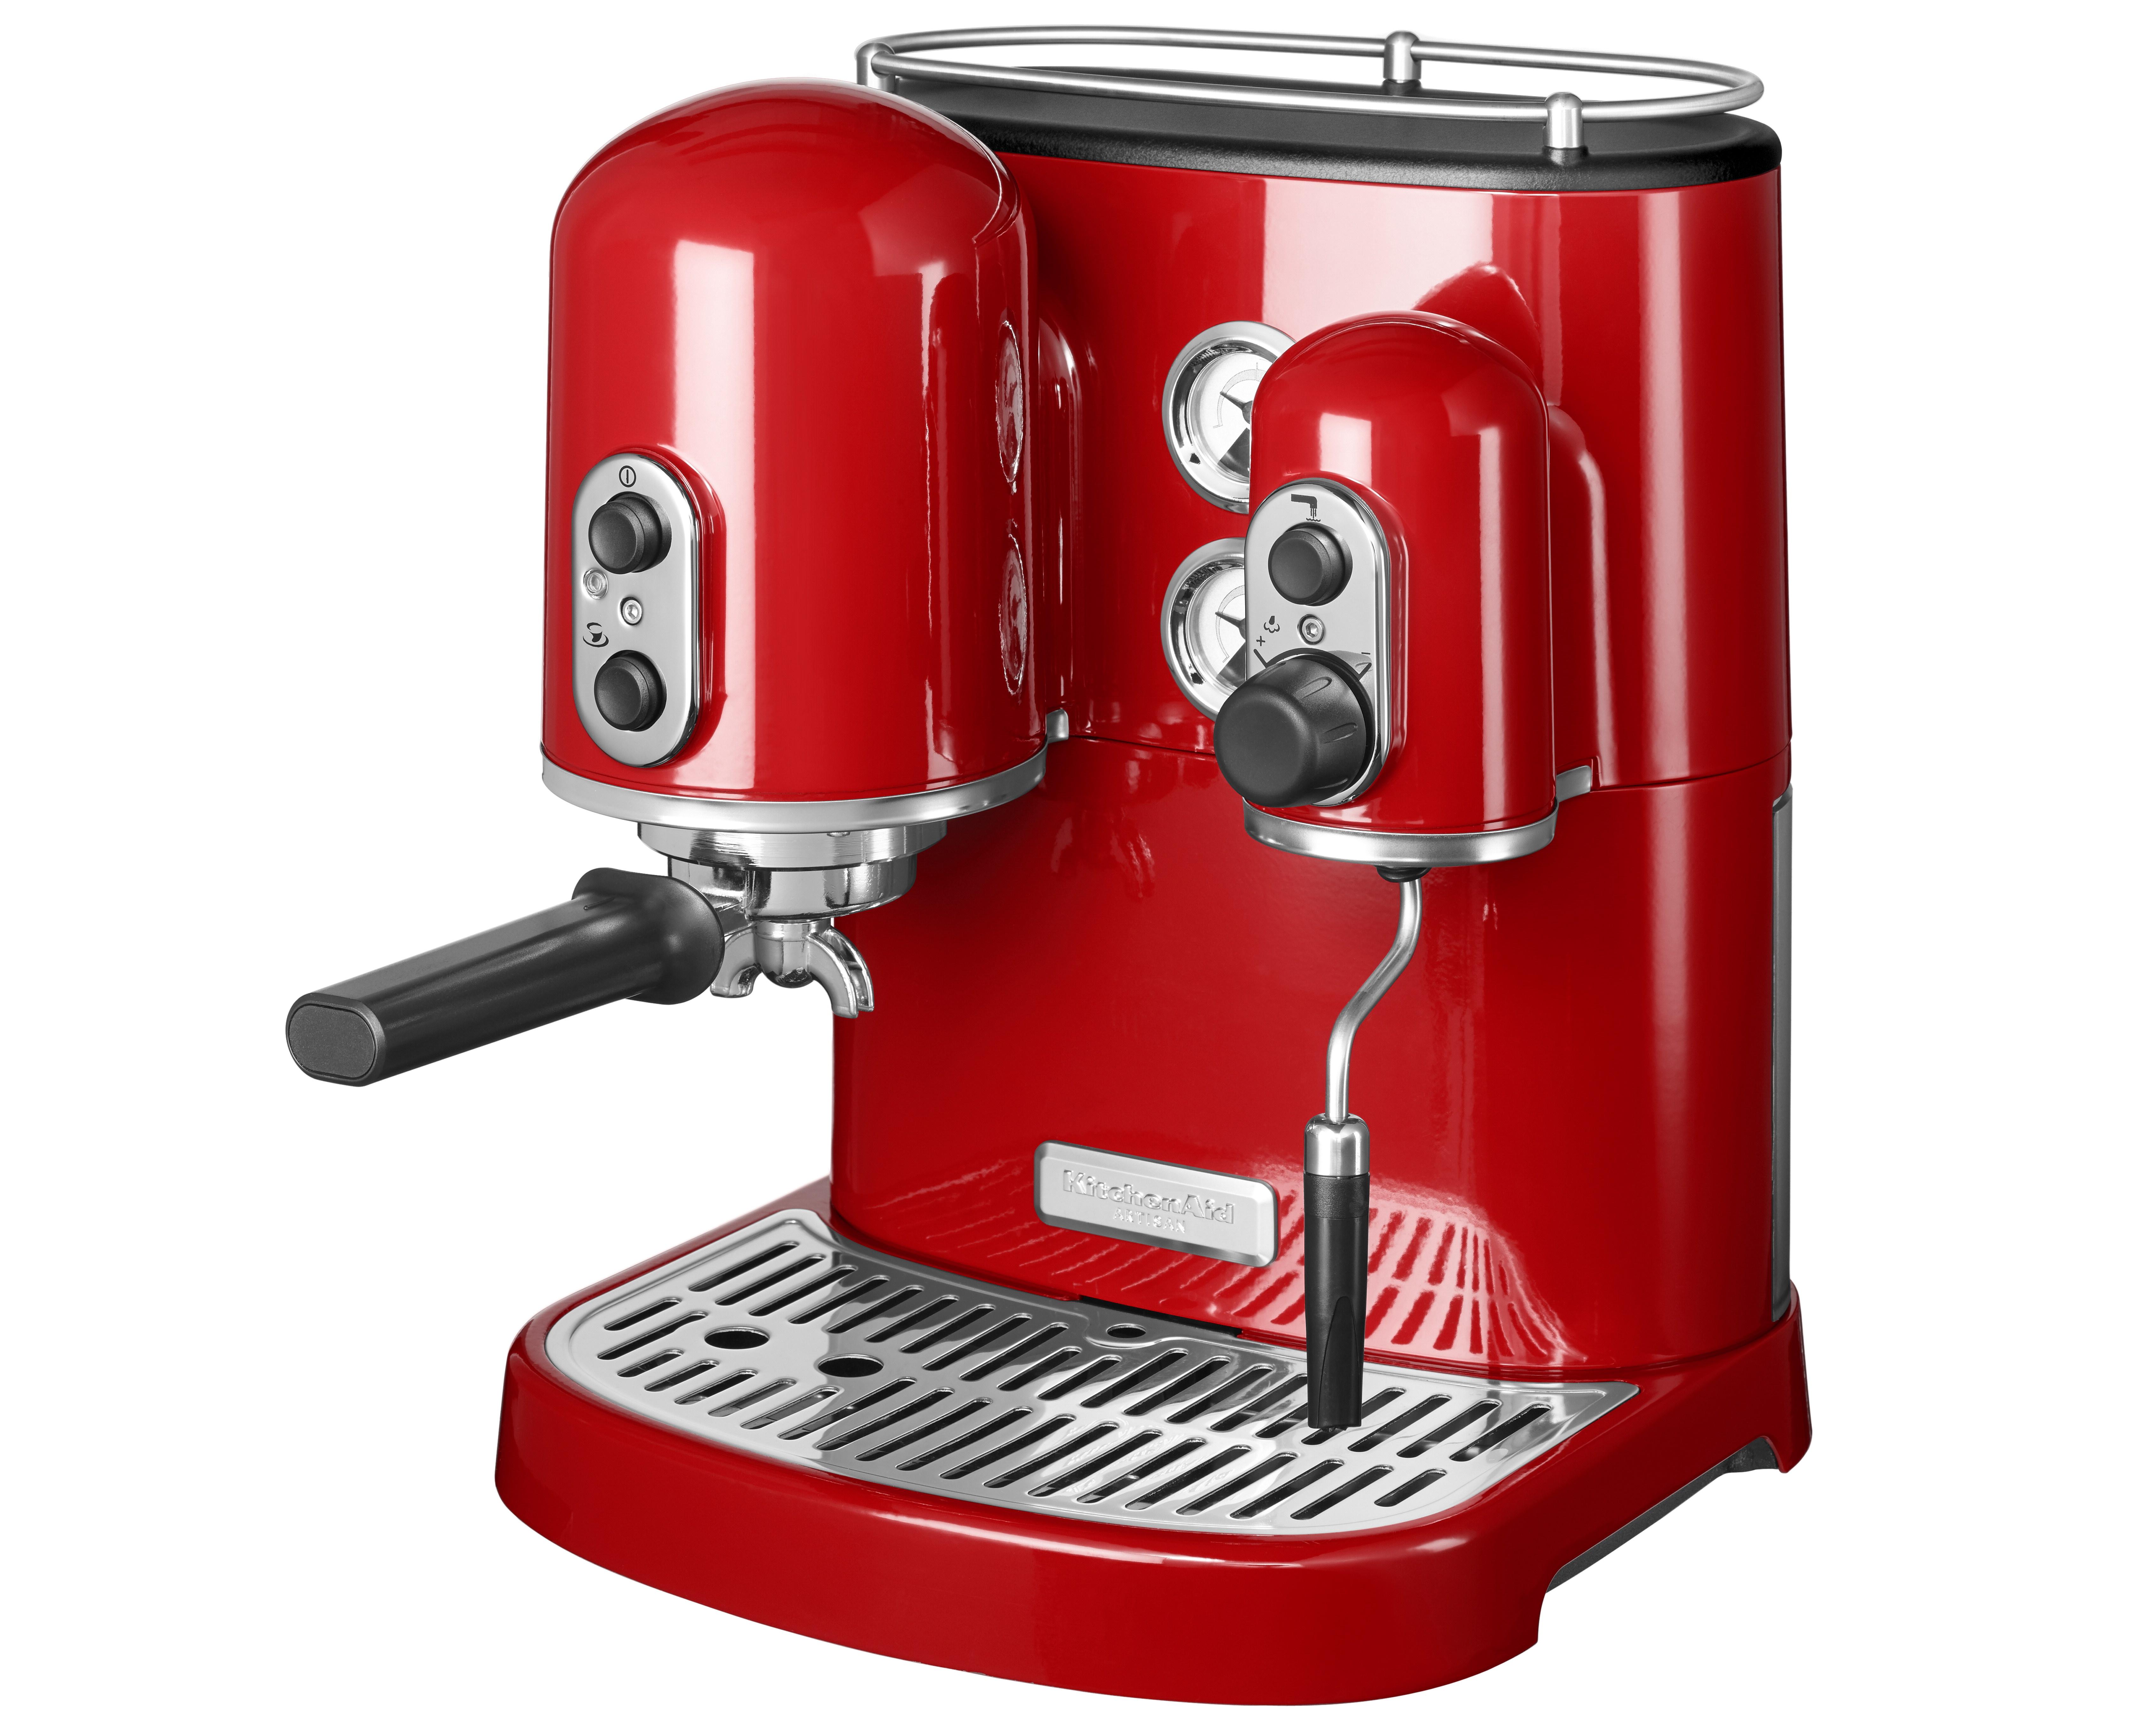 KA Artisan Espressomaskin Röd